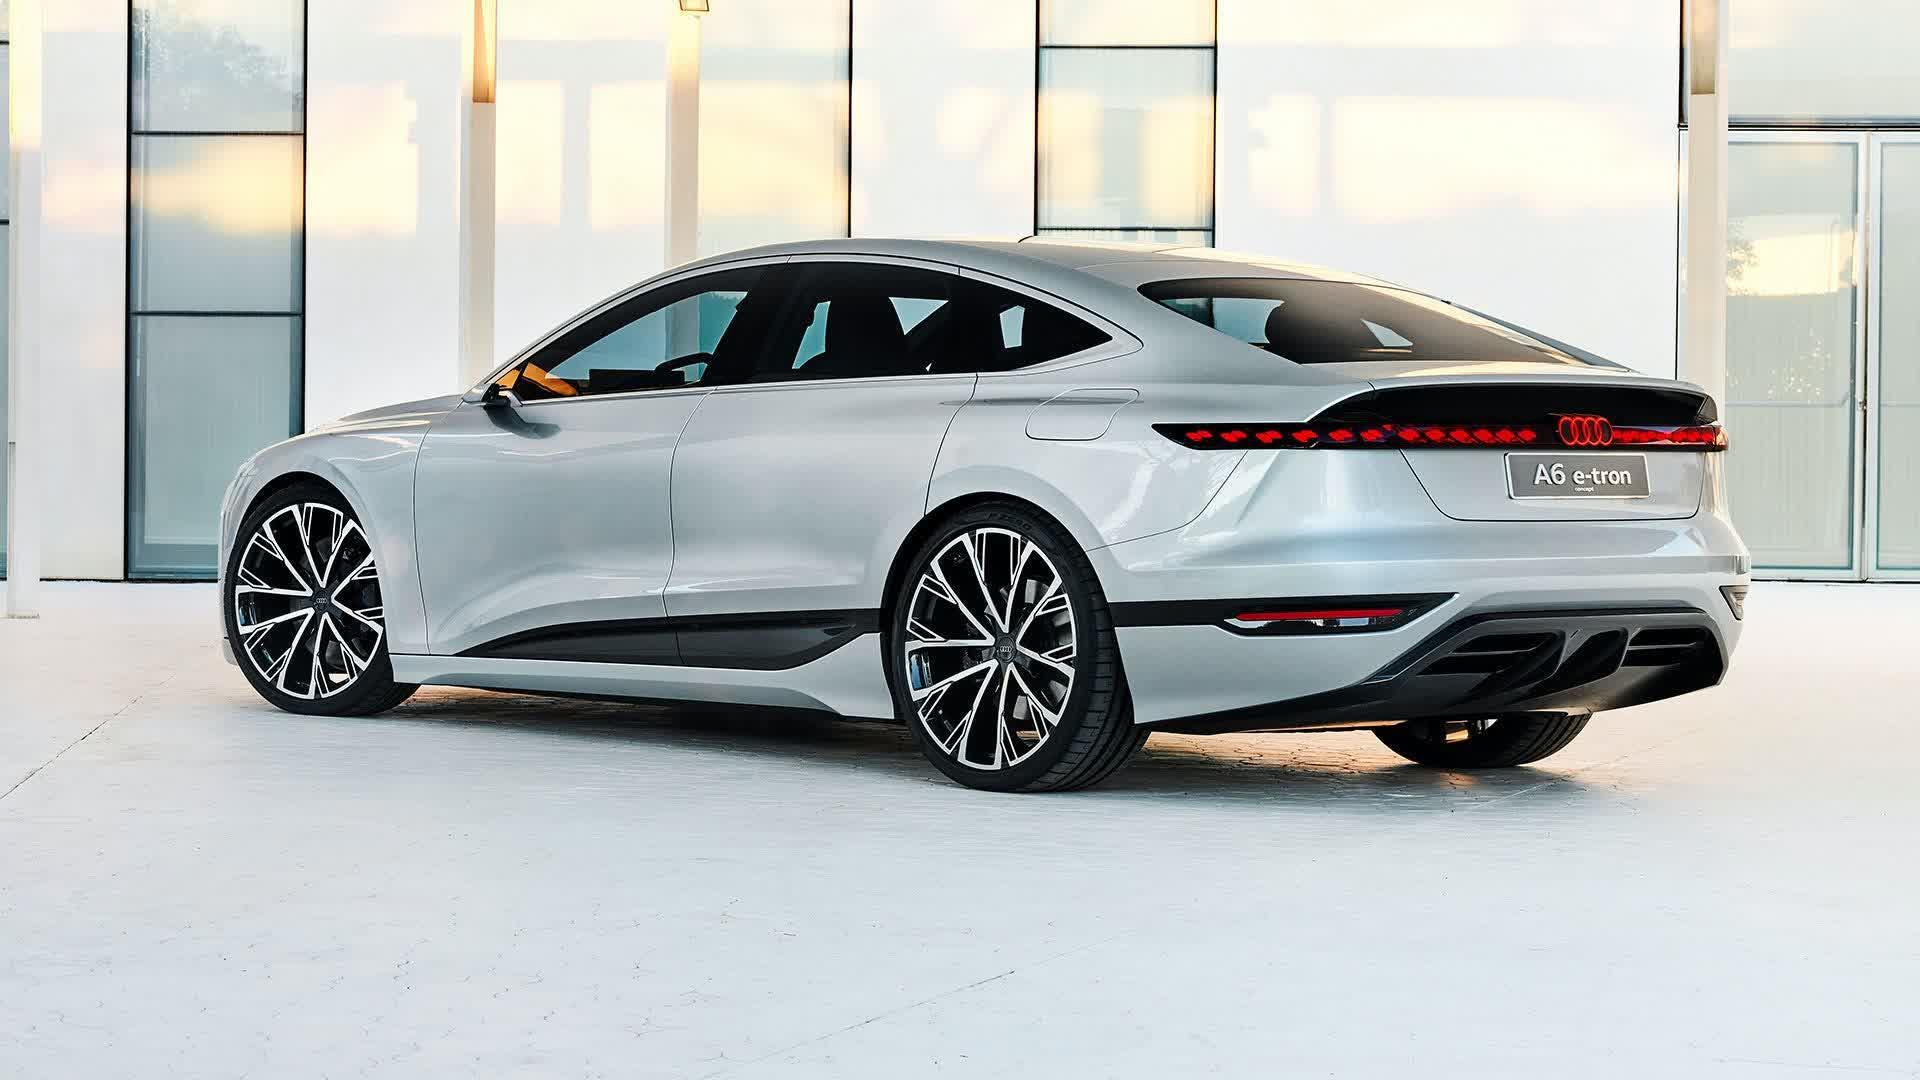 Le concept Audi A6 e tron peut projeter des jeux video